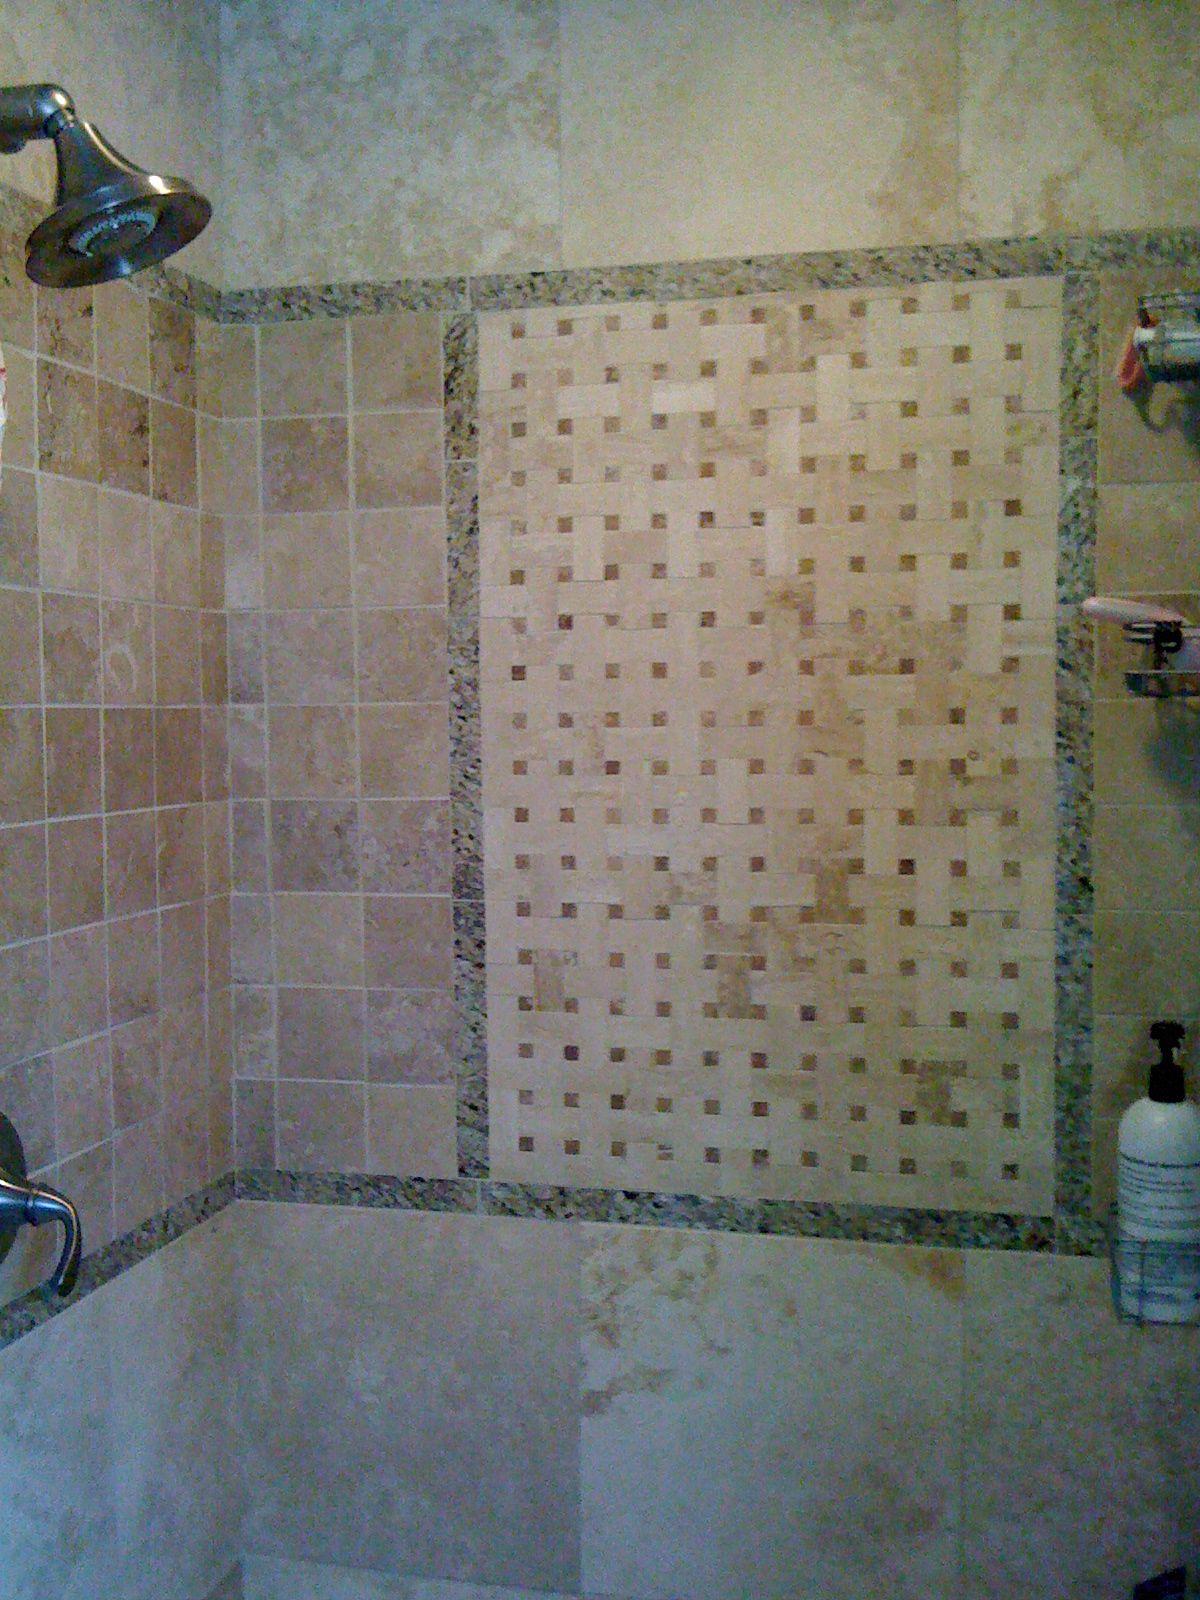 master shower tile design my projects shower tile designs tiles rh pinterest com bathroom shower tile ideas 2017 bathroom corner shower tile ideas